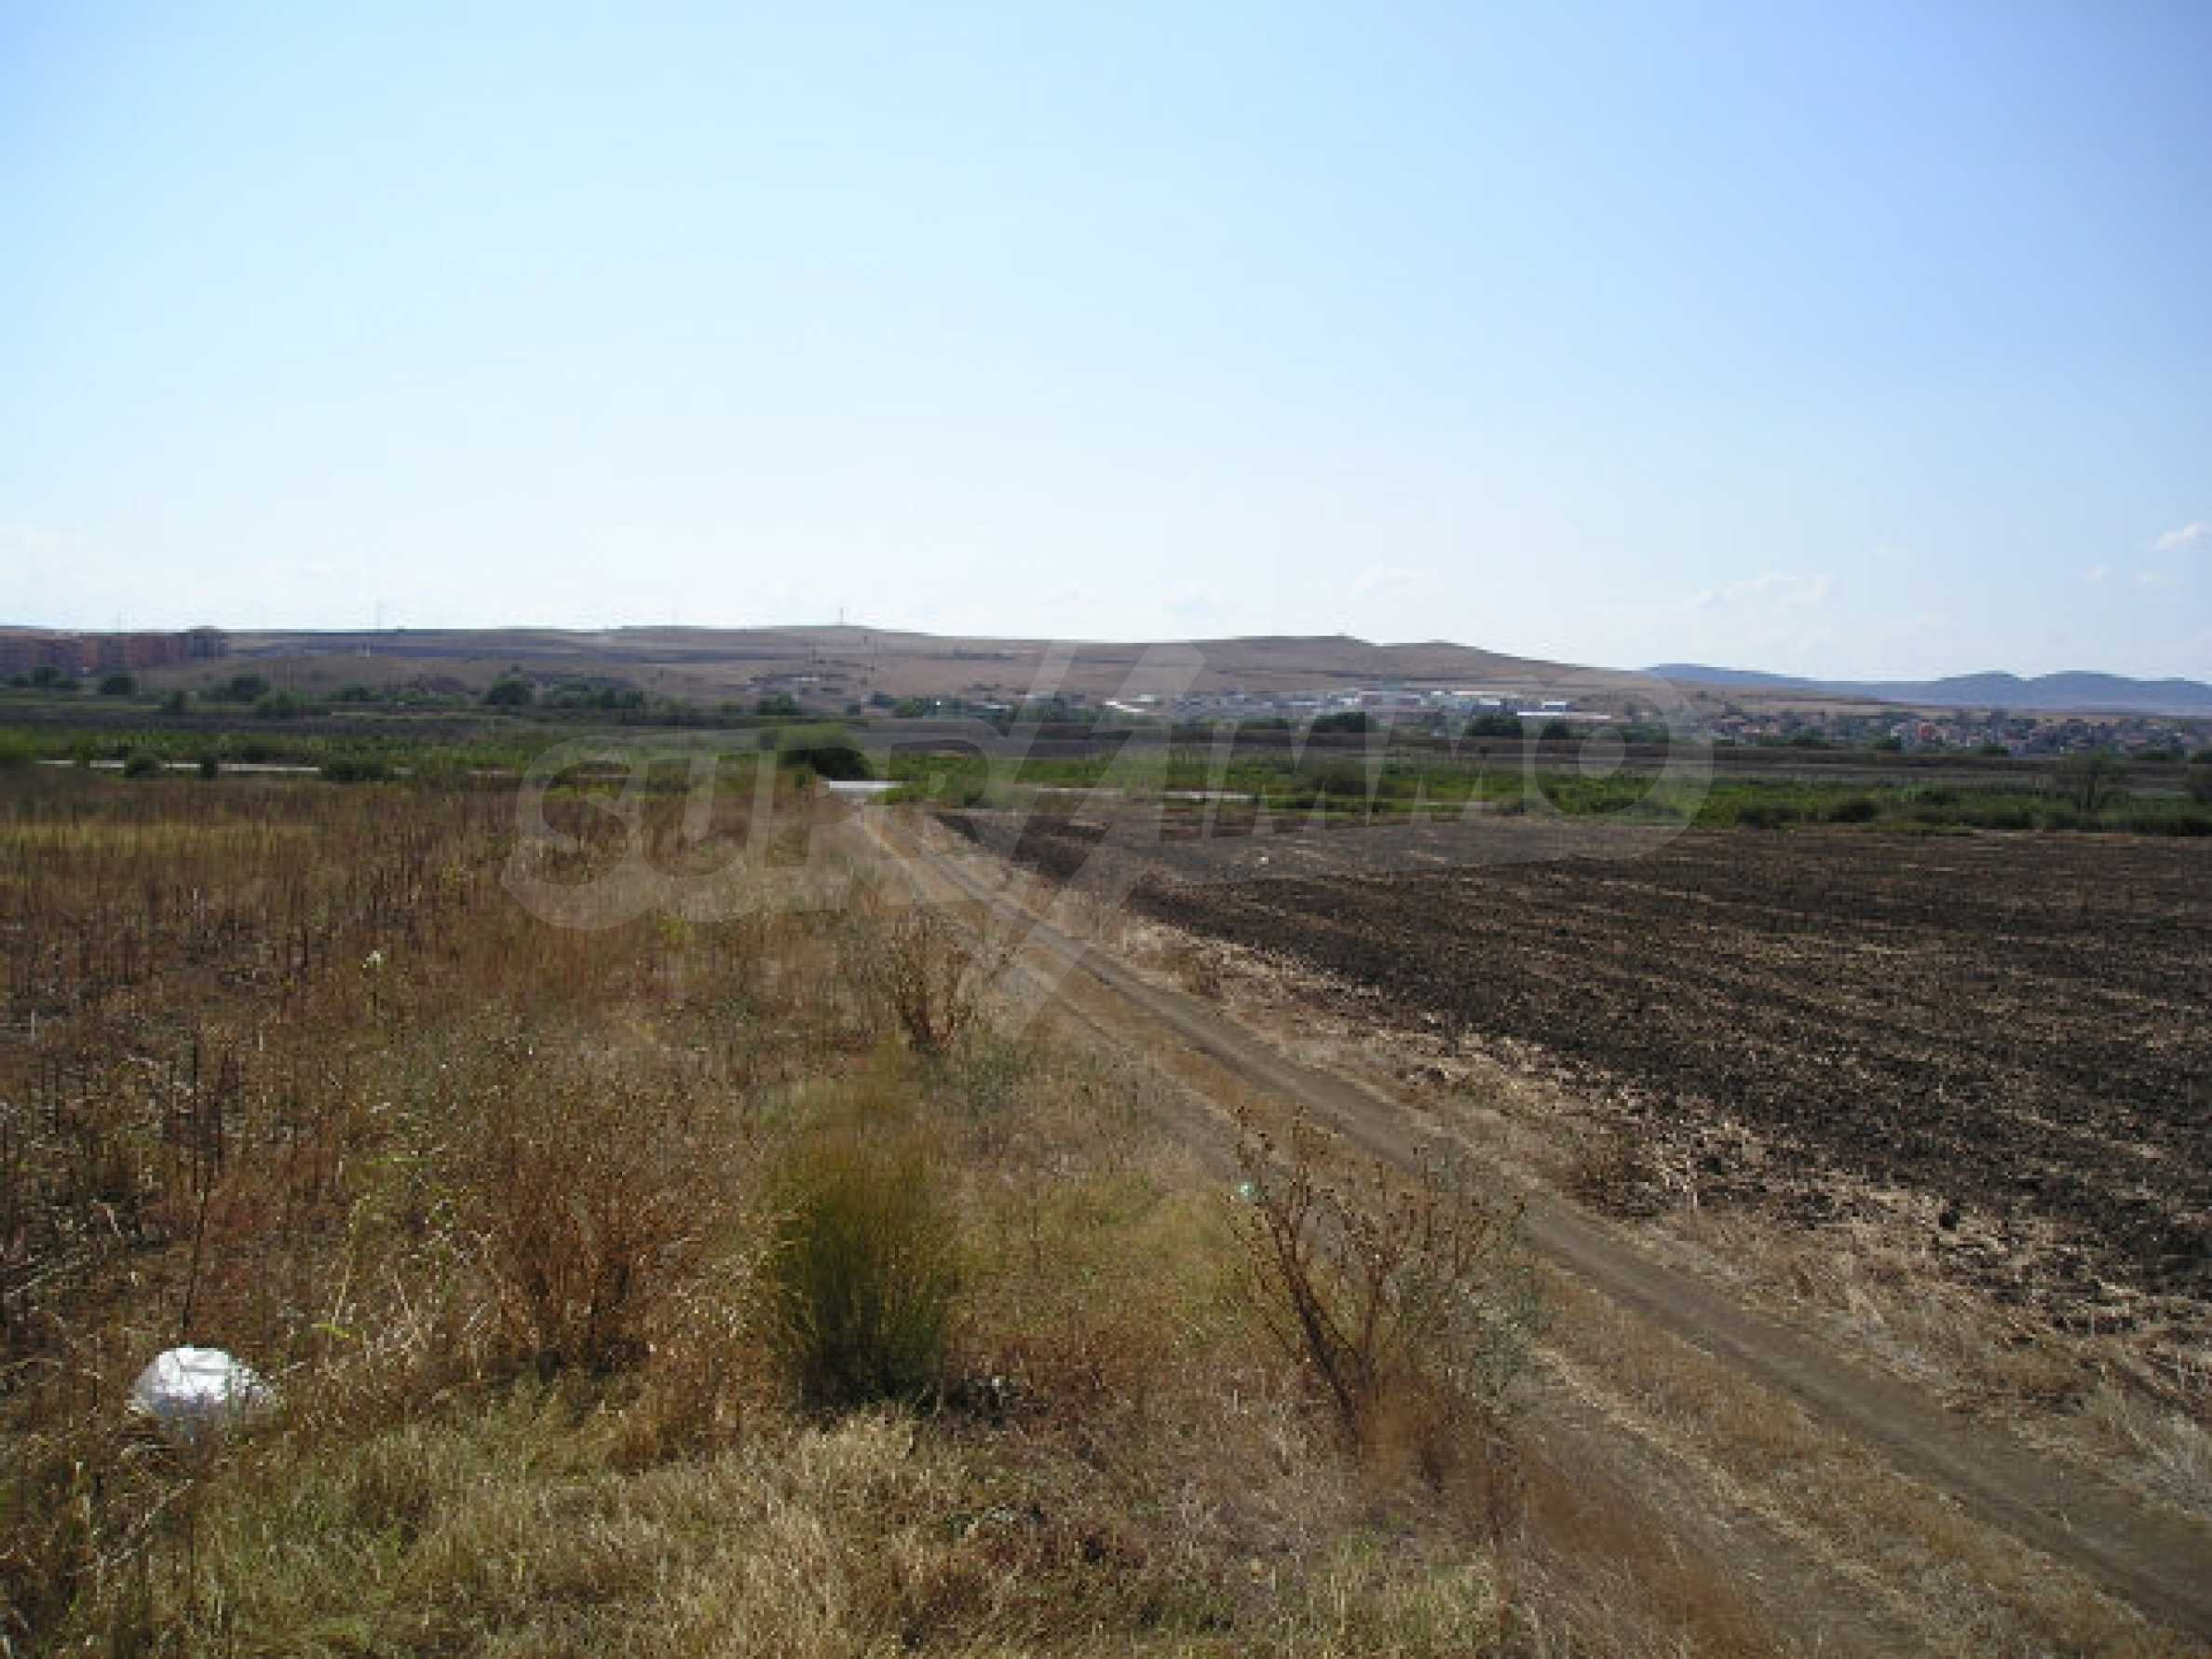 Bauland zum Verkauf in der Nähe von Sonnenstrand 8